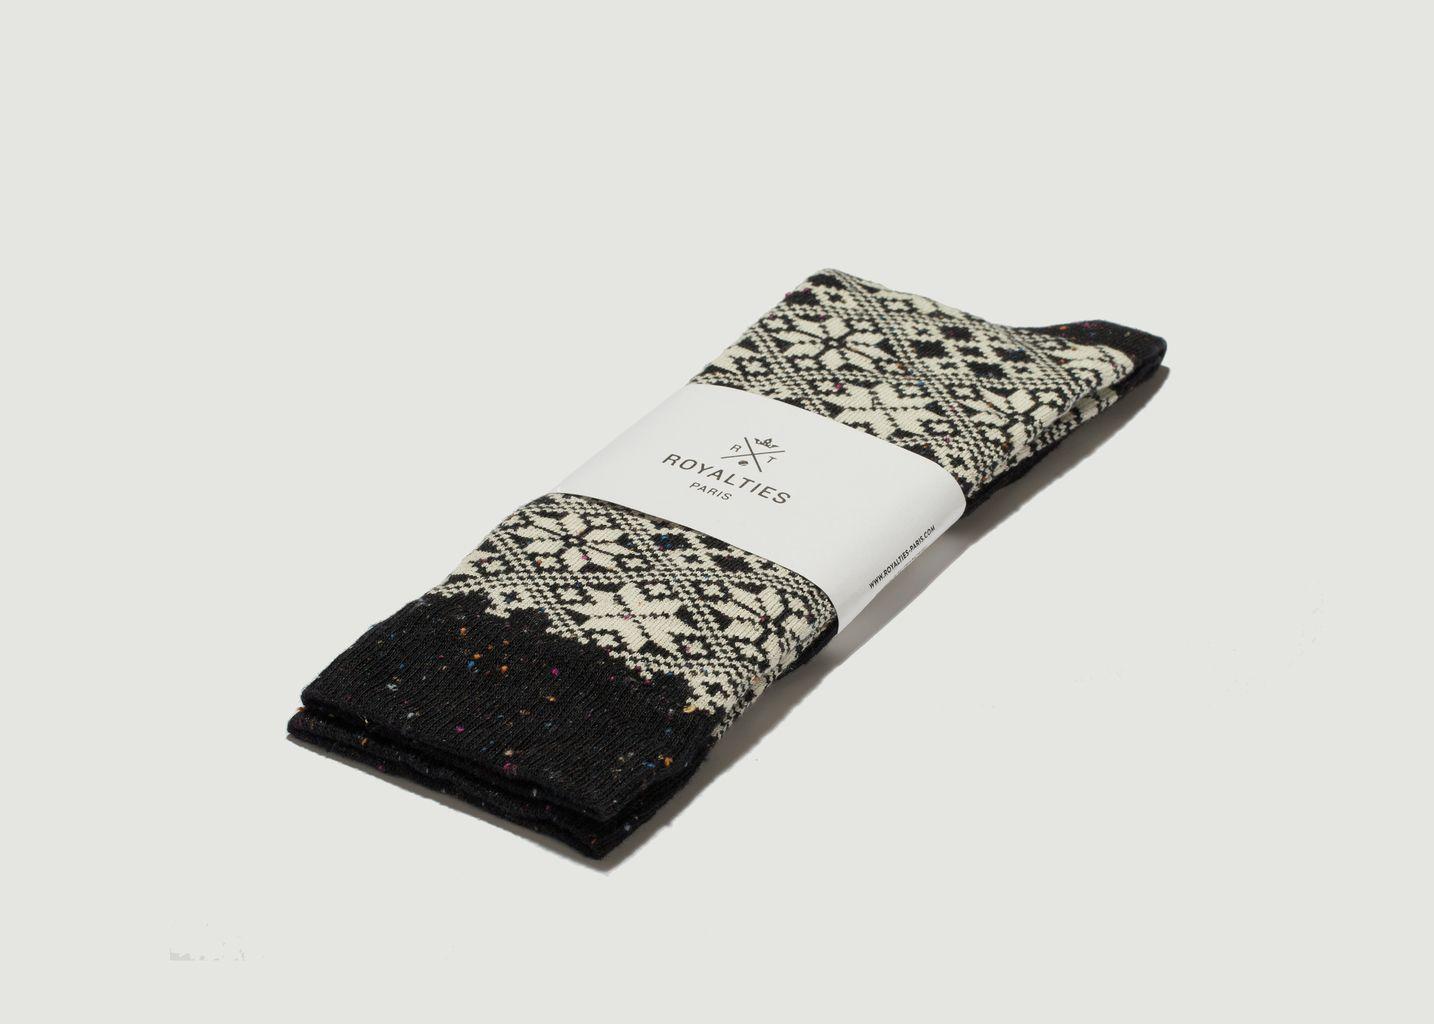 Chaussettes Aspen - Royalties